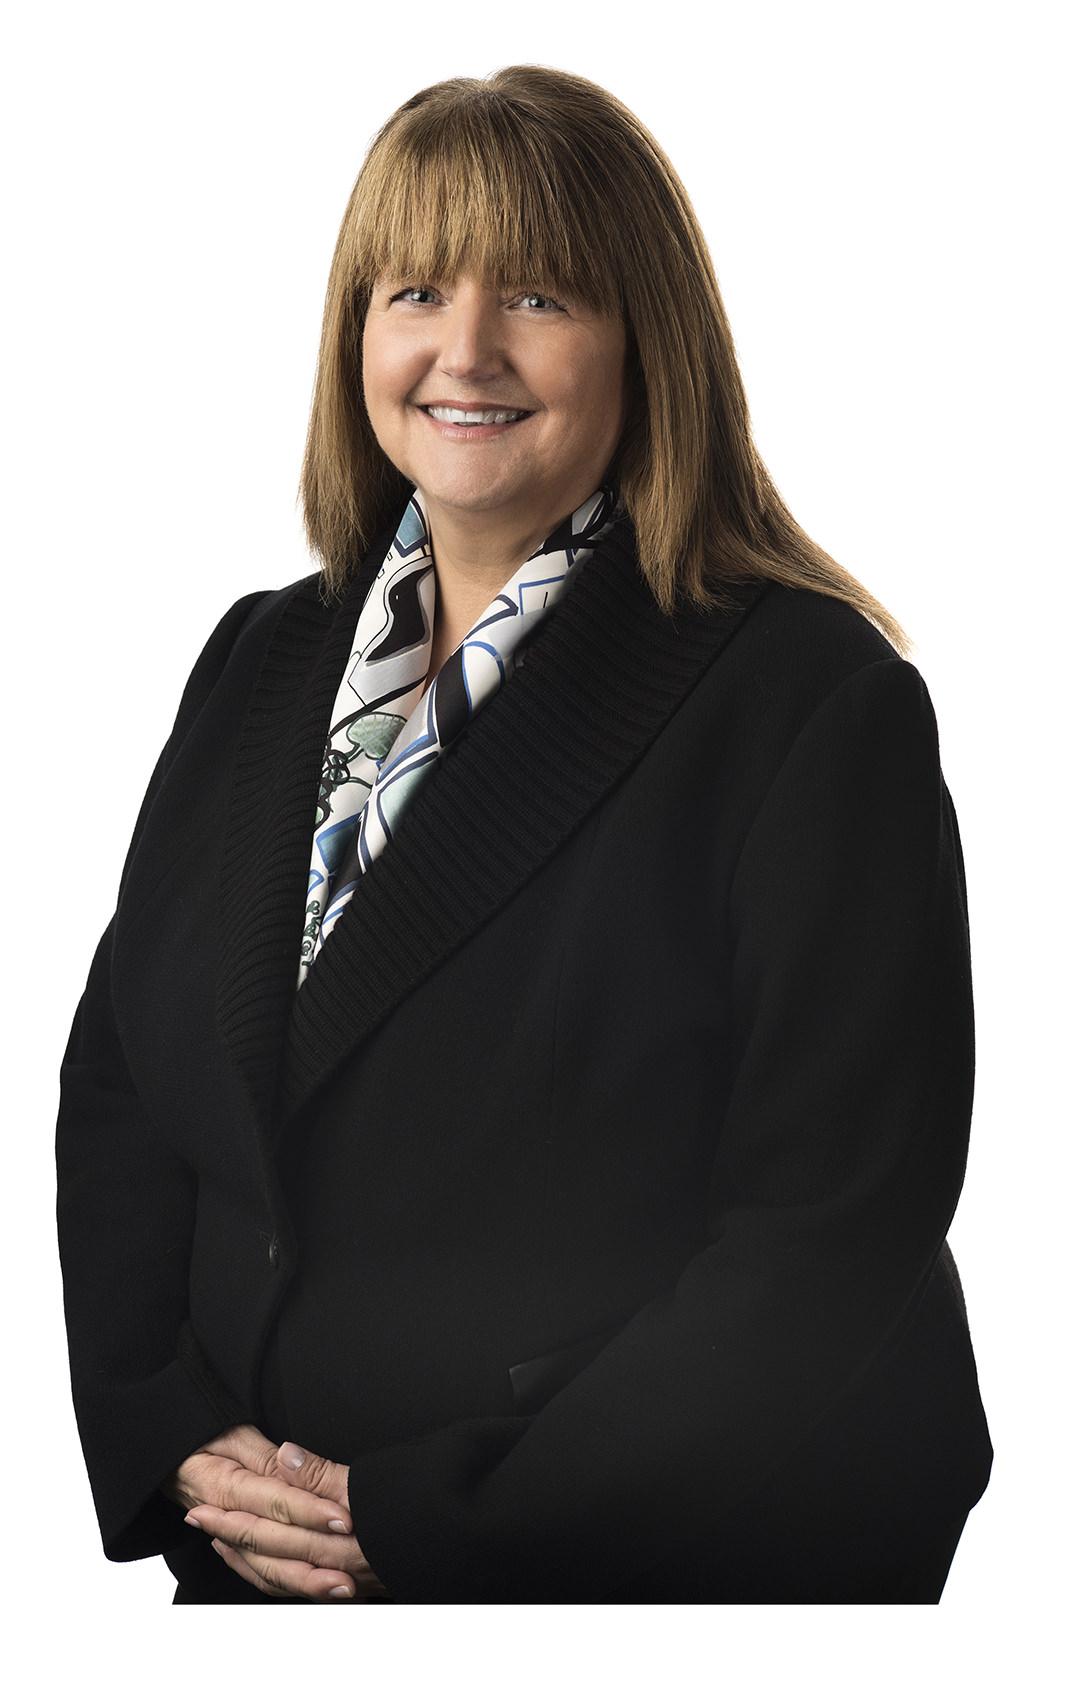 Susan E. Stoffer